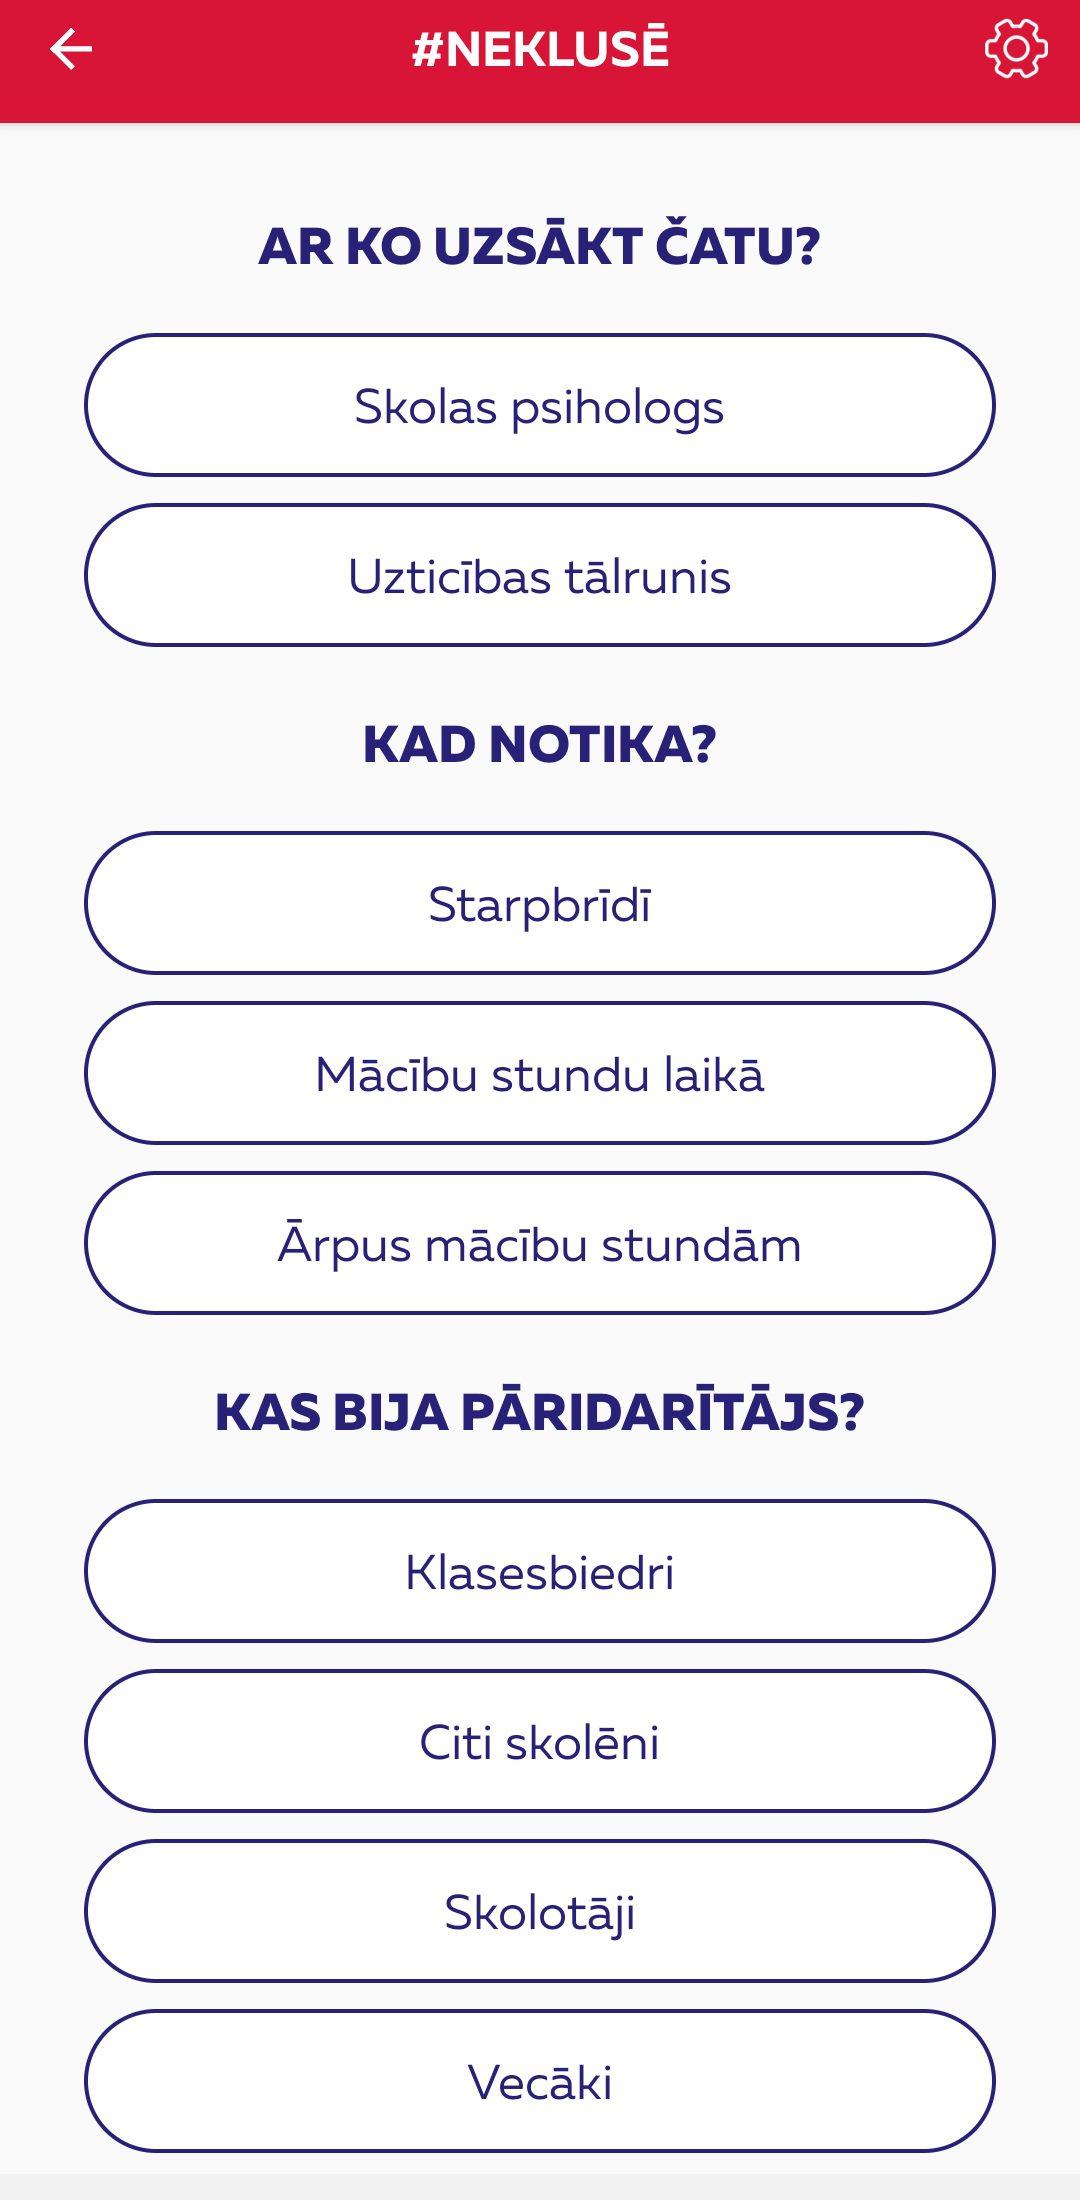 Screenshot_20200106-212315_#NEKLUS